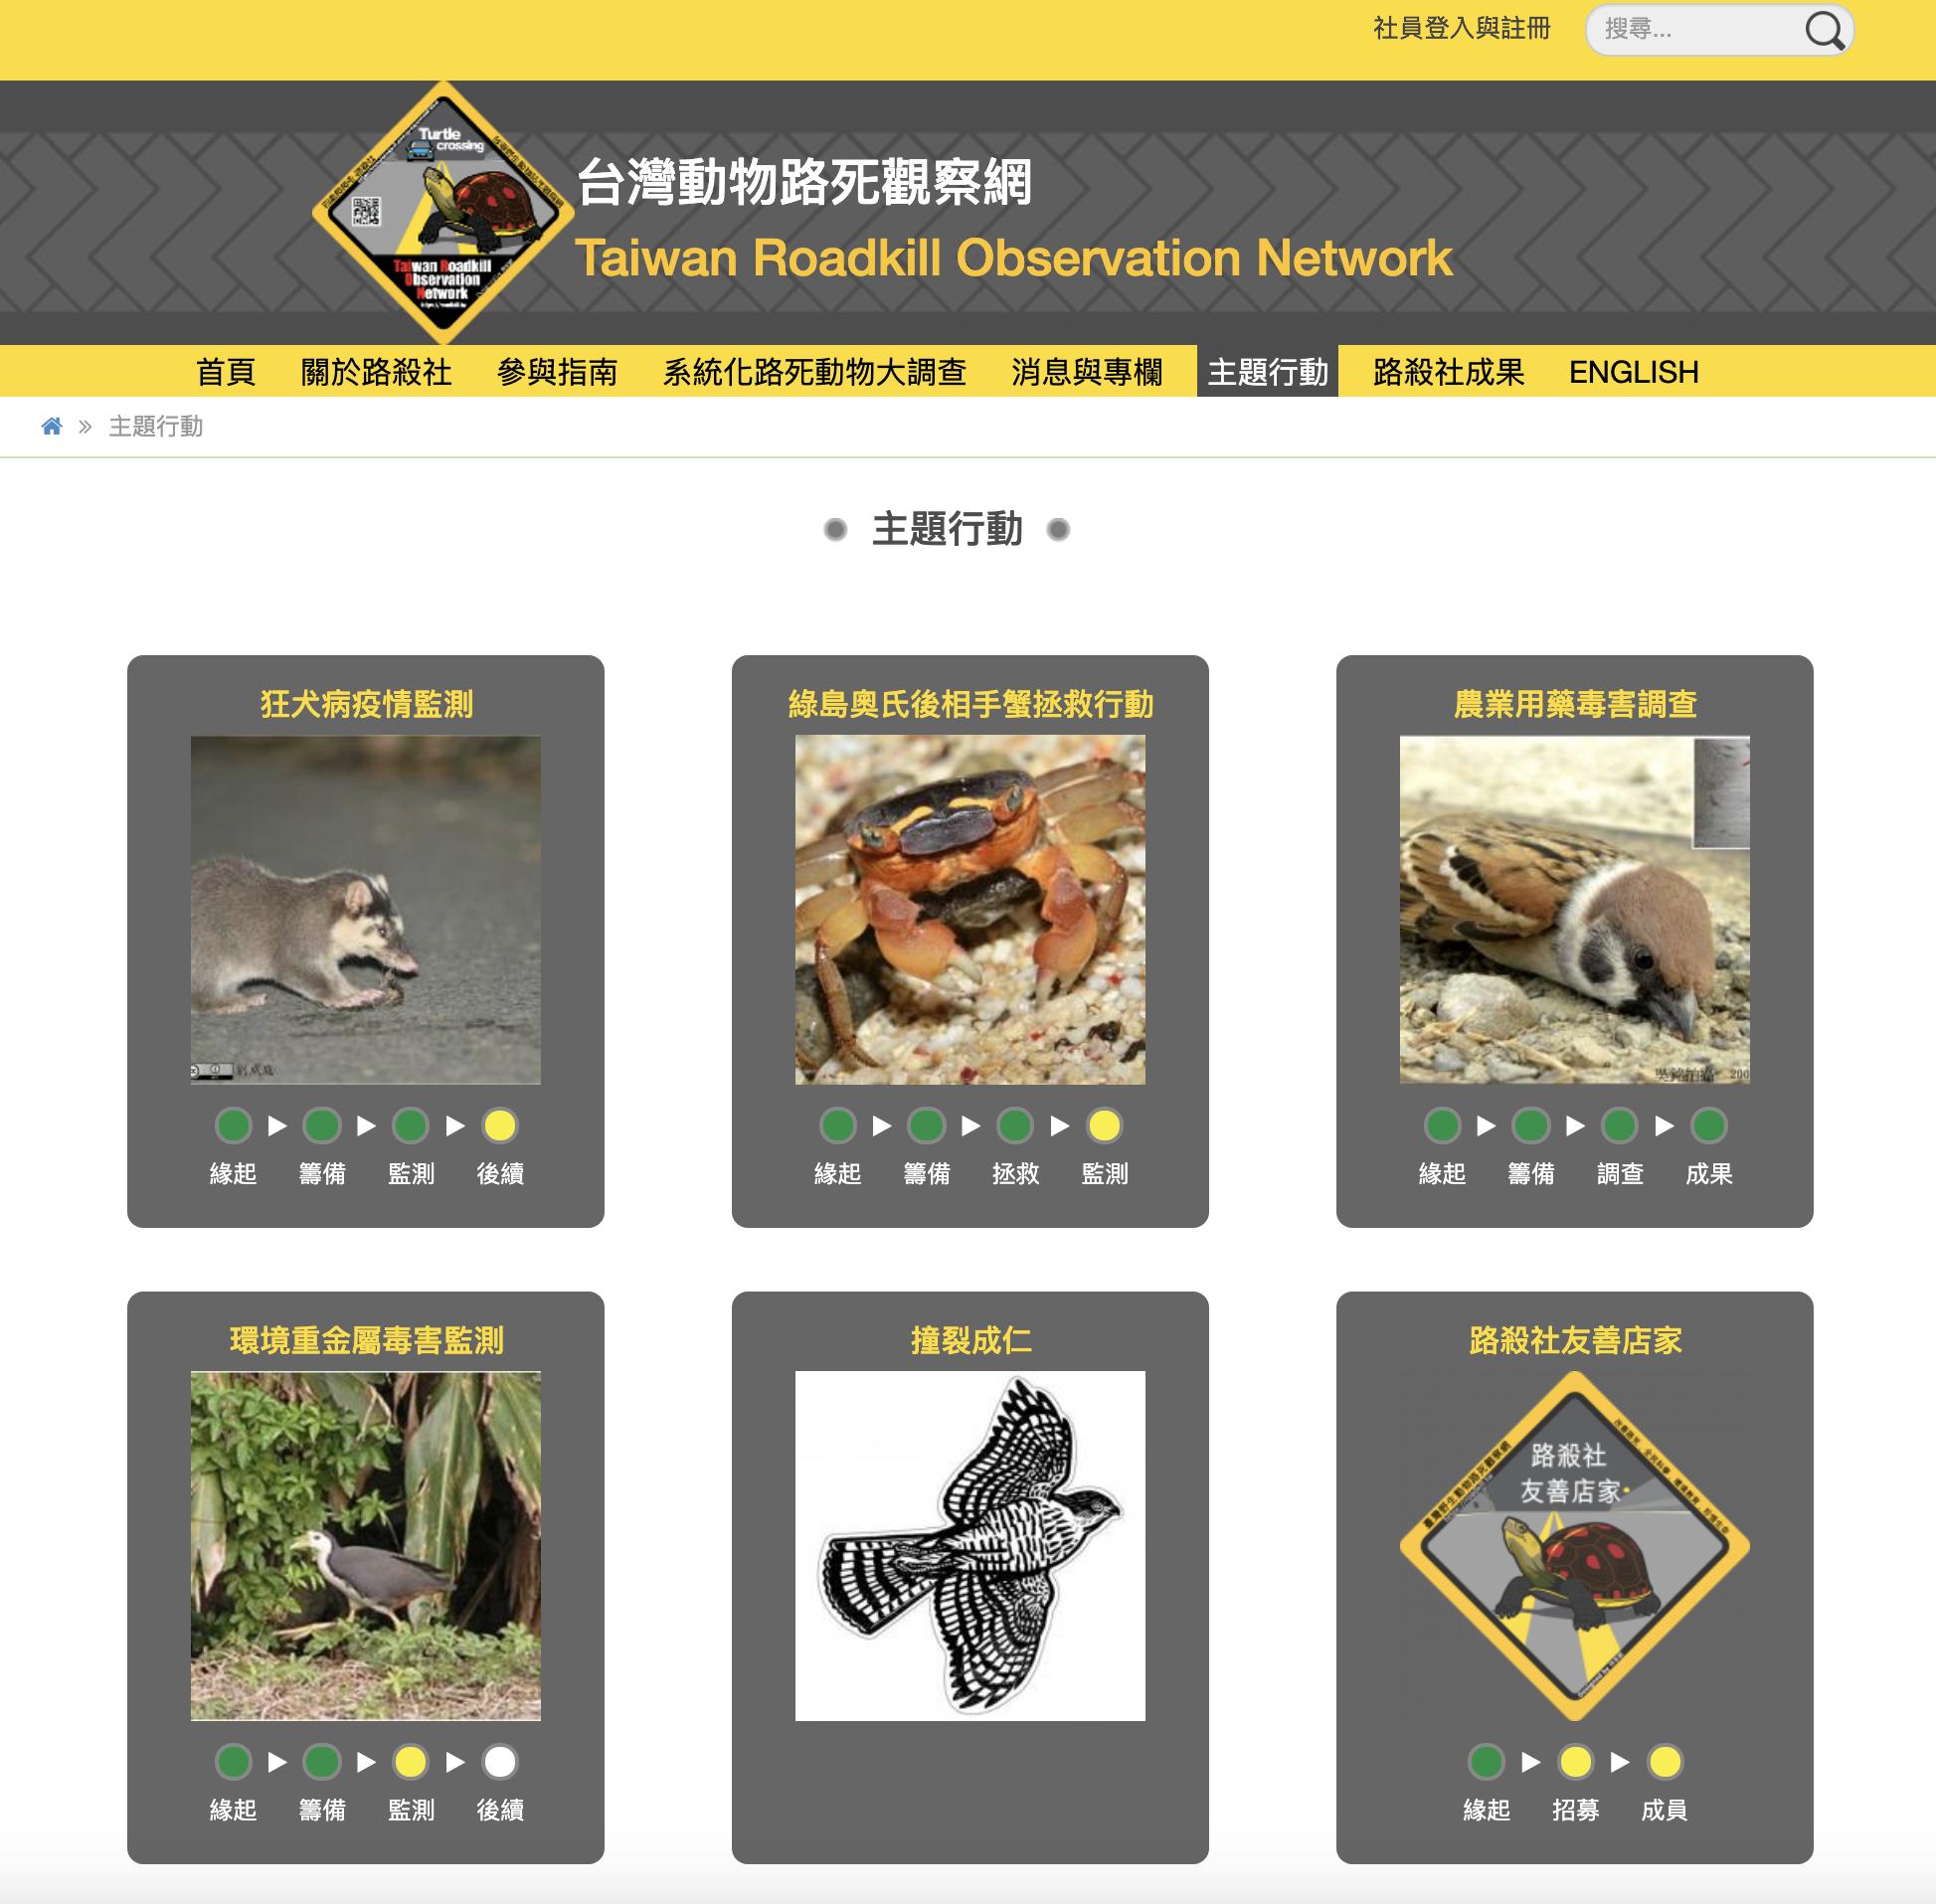 「台灣動物路死觀察網」 (Taiwan Roadkill Observation Network)目前的功能與介面已很完整。特生中心與中研院資訊所的合作計畫進行了四年,在後期莊庭瑞做了決定,持續調整資料流程,但把網站製作與維護的工作委託給拾穗者文化的張藝鴻。如此一來,在合作計畫結束之後,仍能保障網站的經營維護與永續發展。 圖片來源│台灣動物路死觀察網